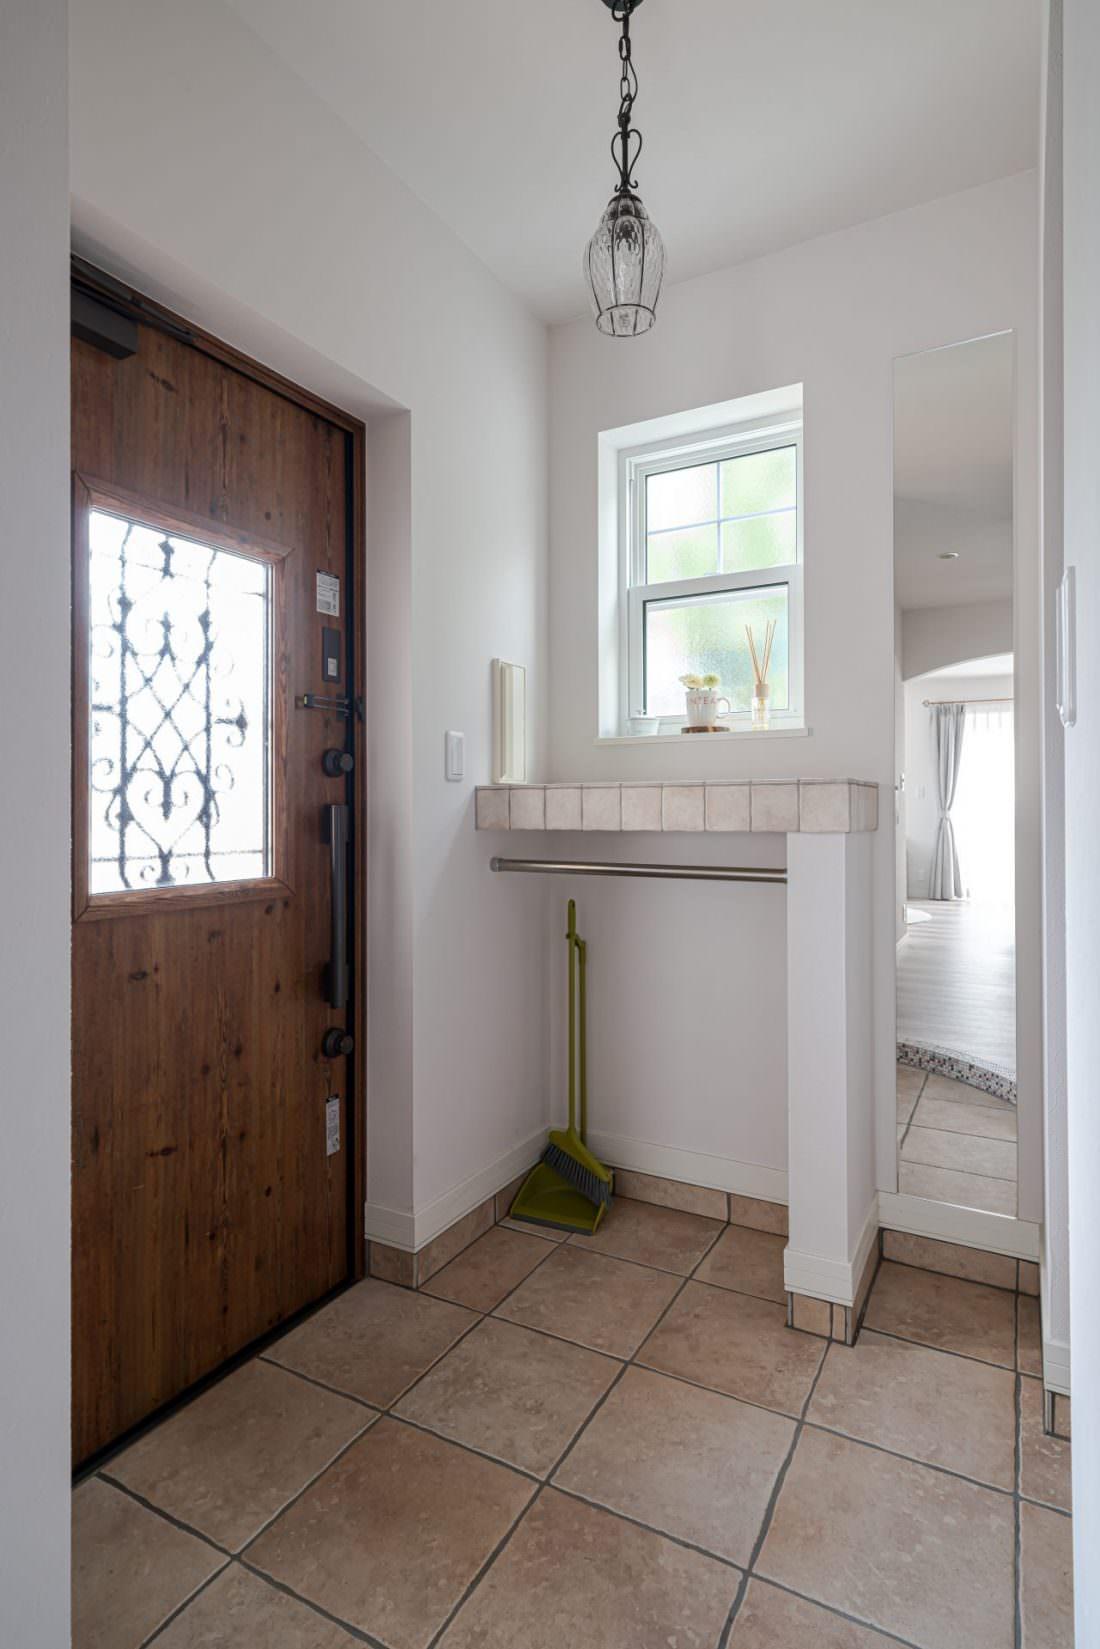 茶色い木目調の玄関ドアにタイルのカウンターのある玄関